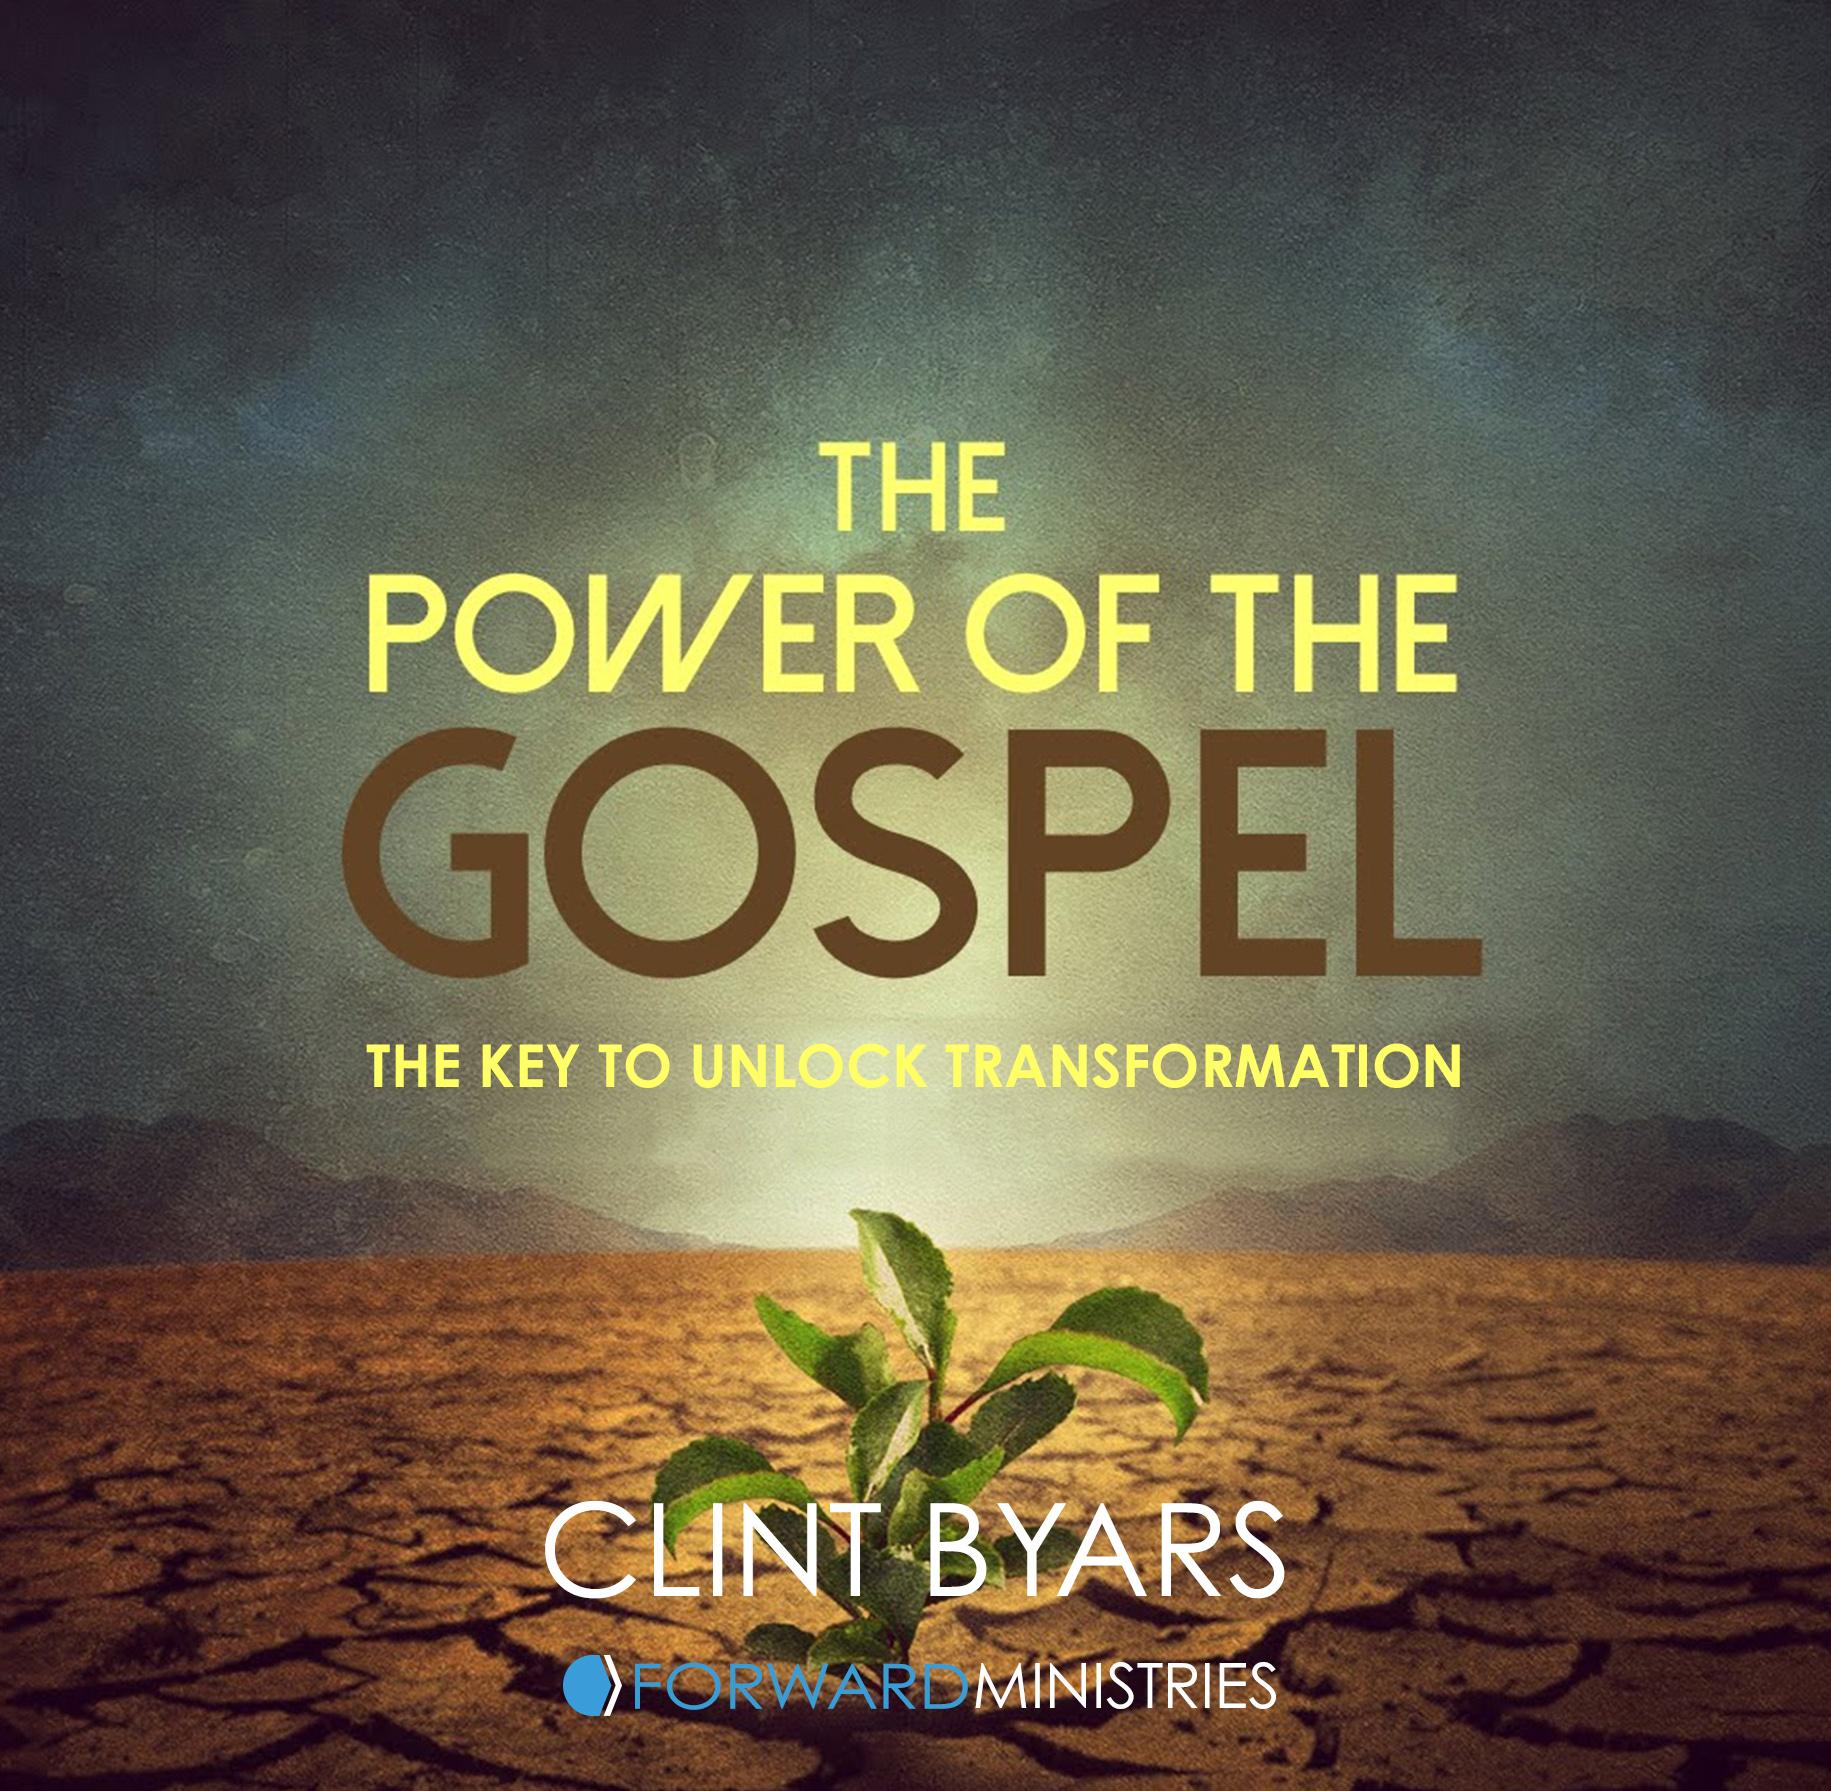 The Power of the Gospel frnt.jpg